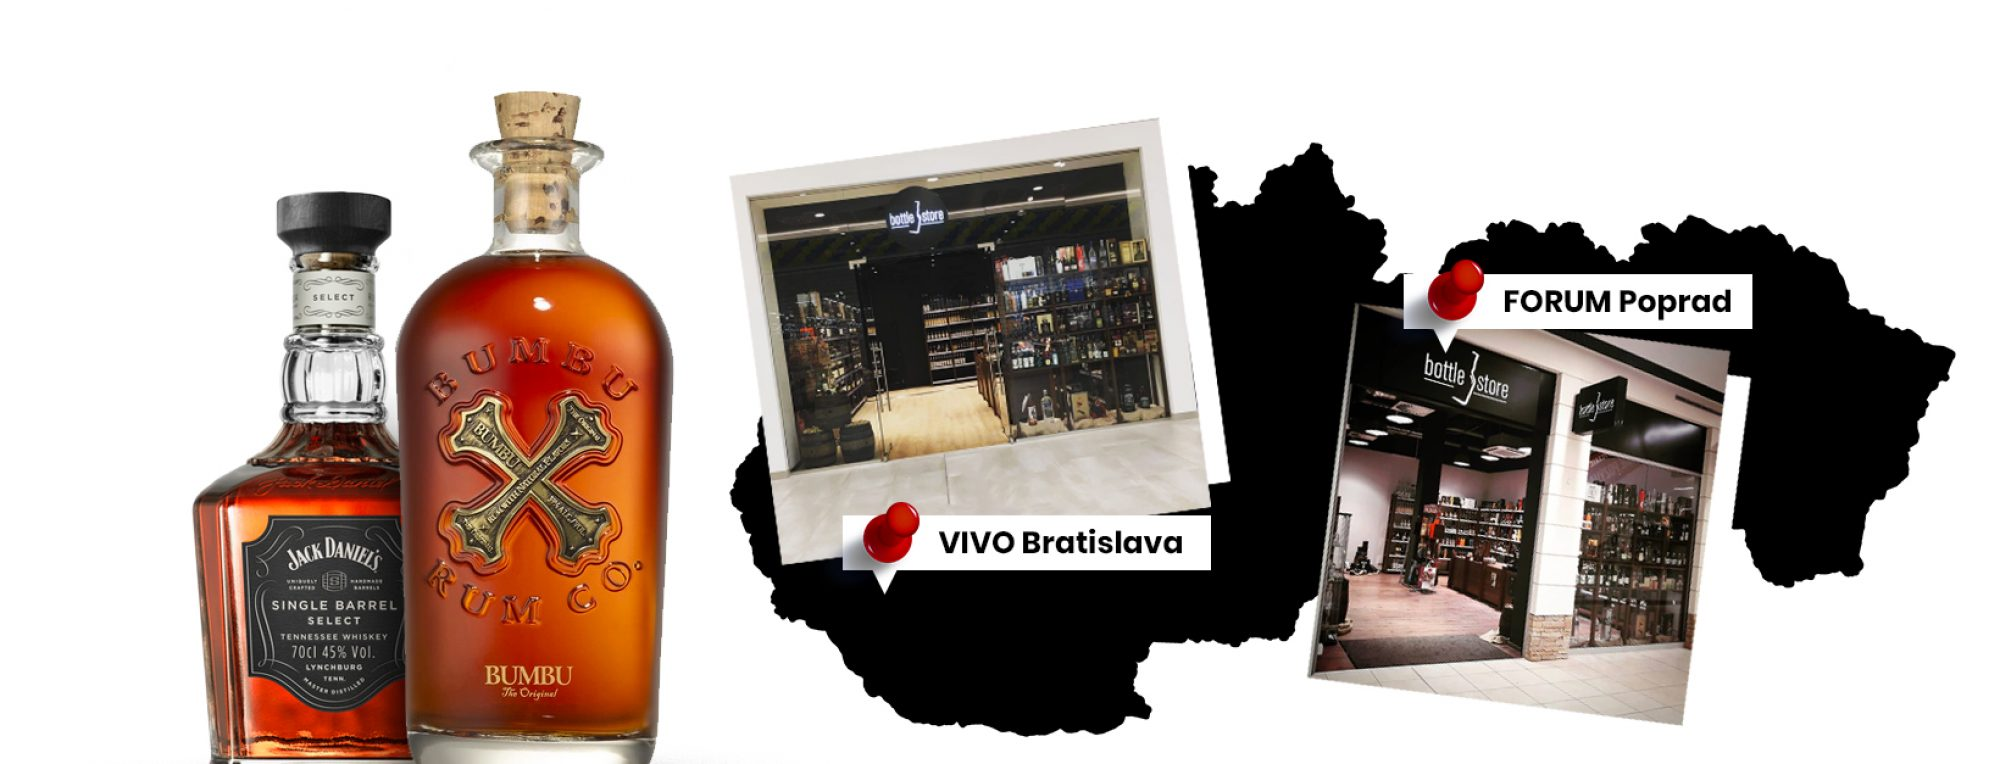 bottlestore.sk